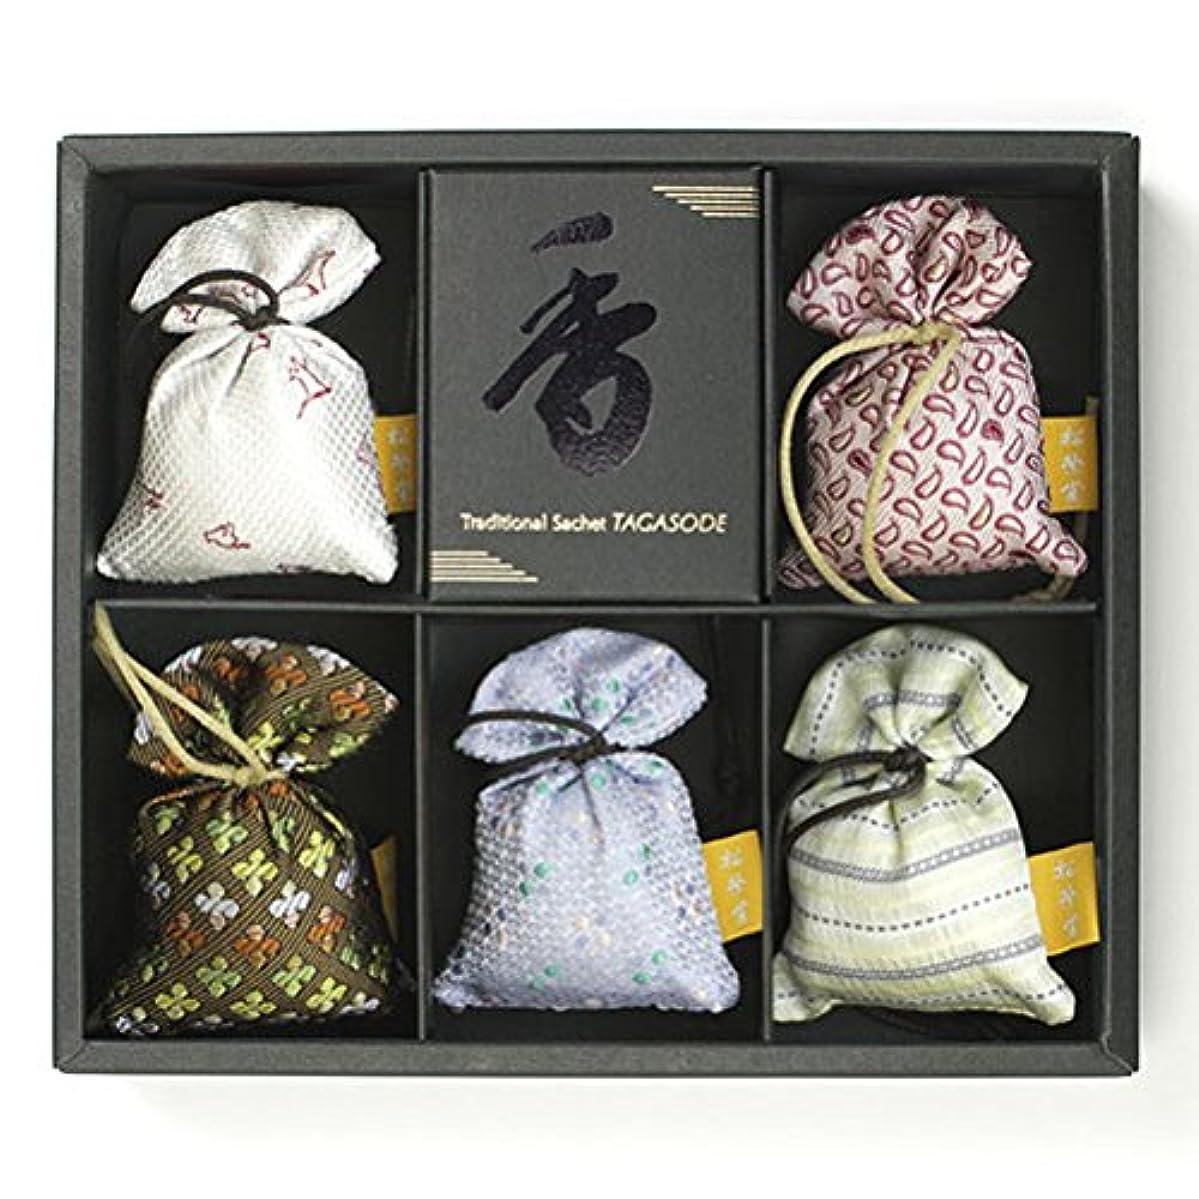 おもてなし敬ほのか匂い袋 誰が袖 薫 かおる 5個入 松栄堂 Shoyeido 本体長さ60mm